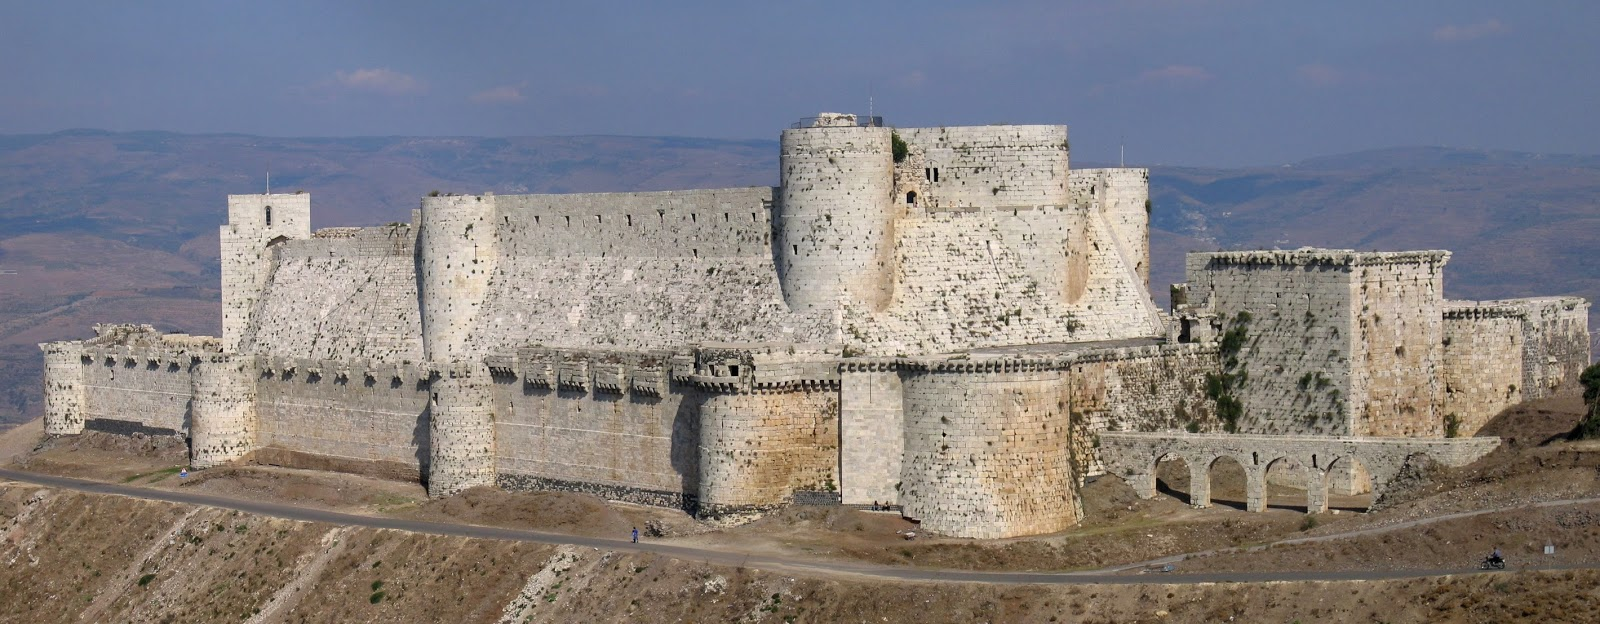 O Krak des Chevaliers, uma fortaleza construída durante as Cruzadas para a Ordem dos Cavaleiros Hospitalários